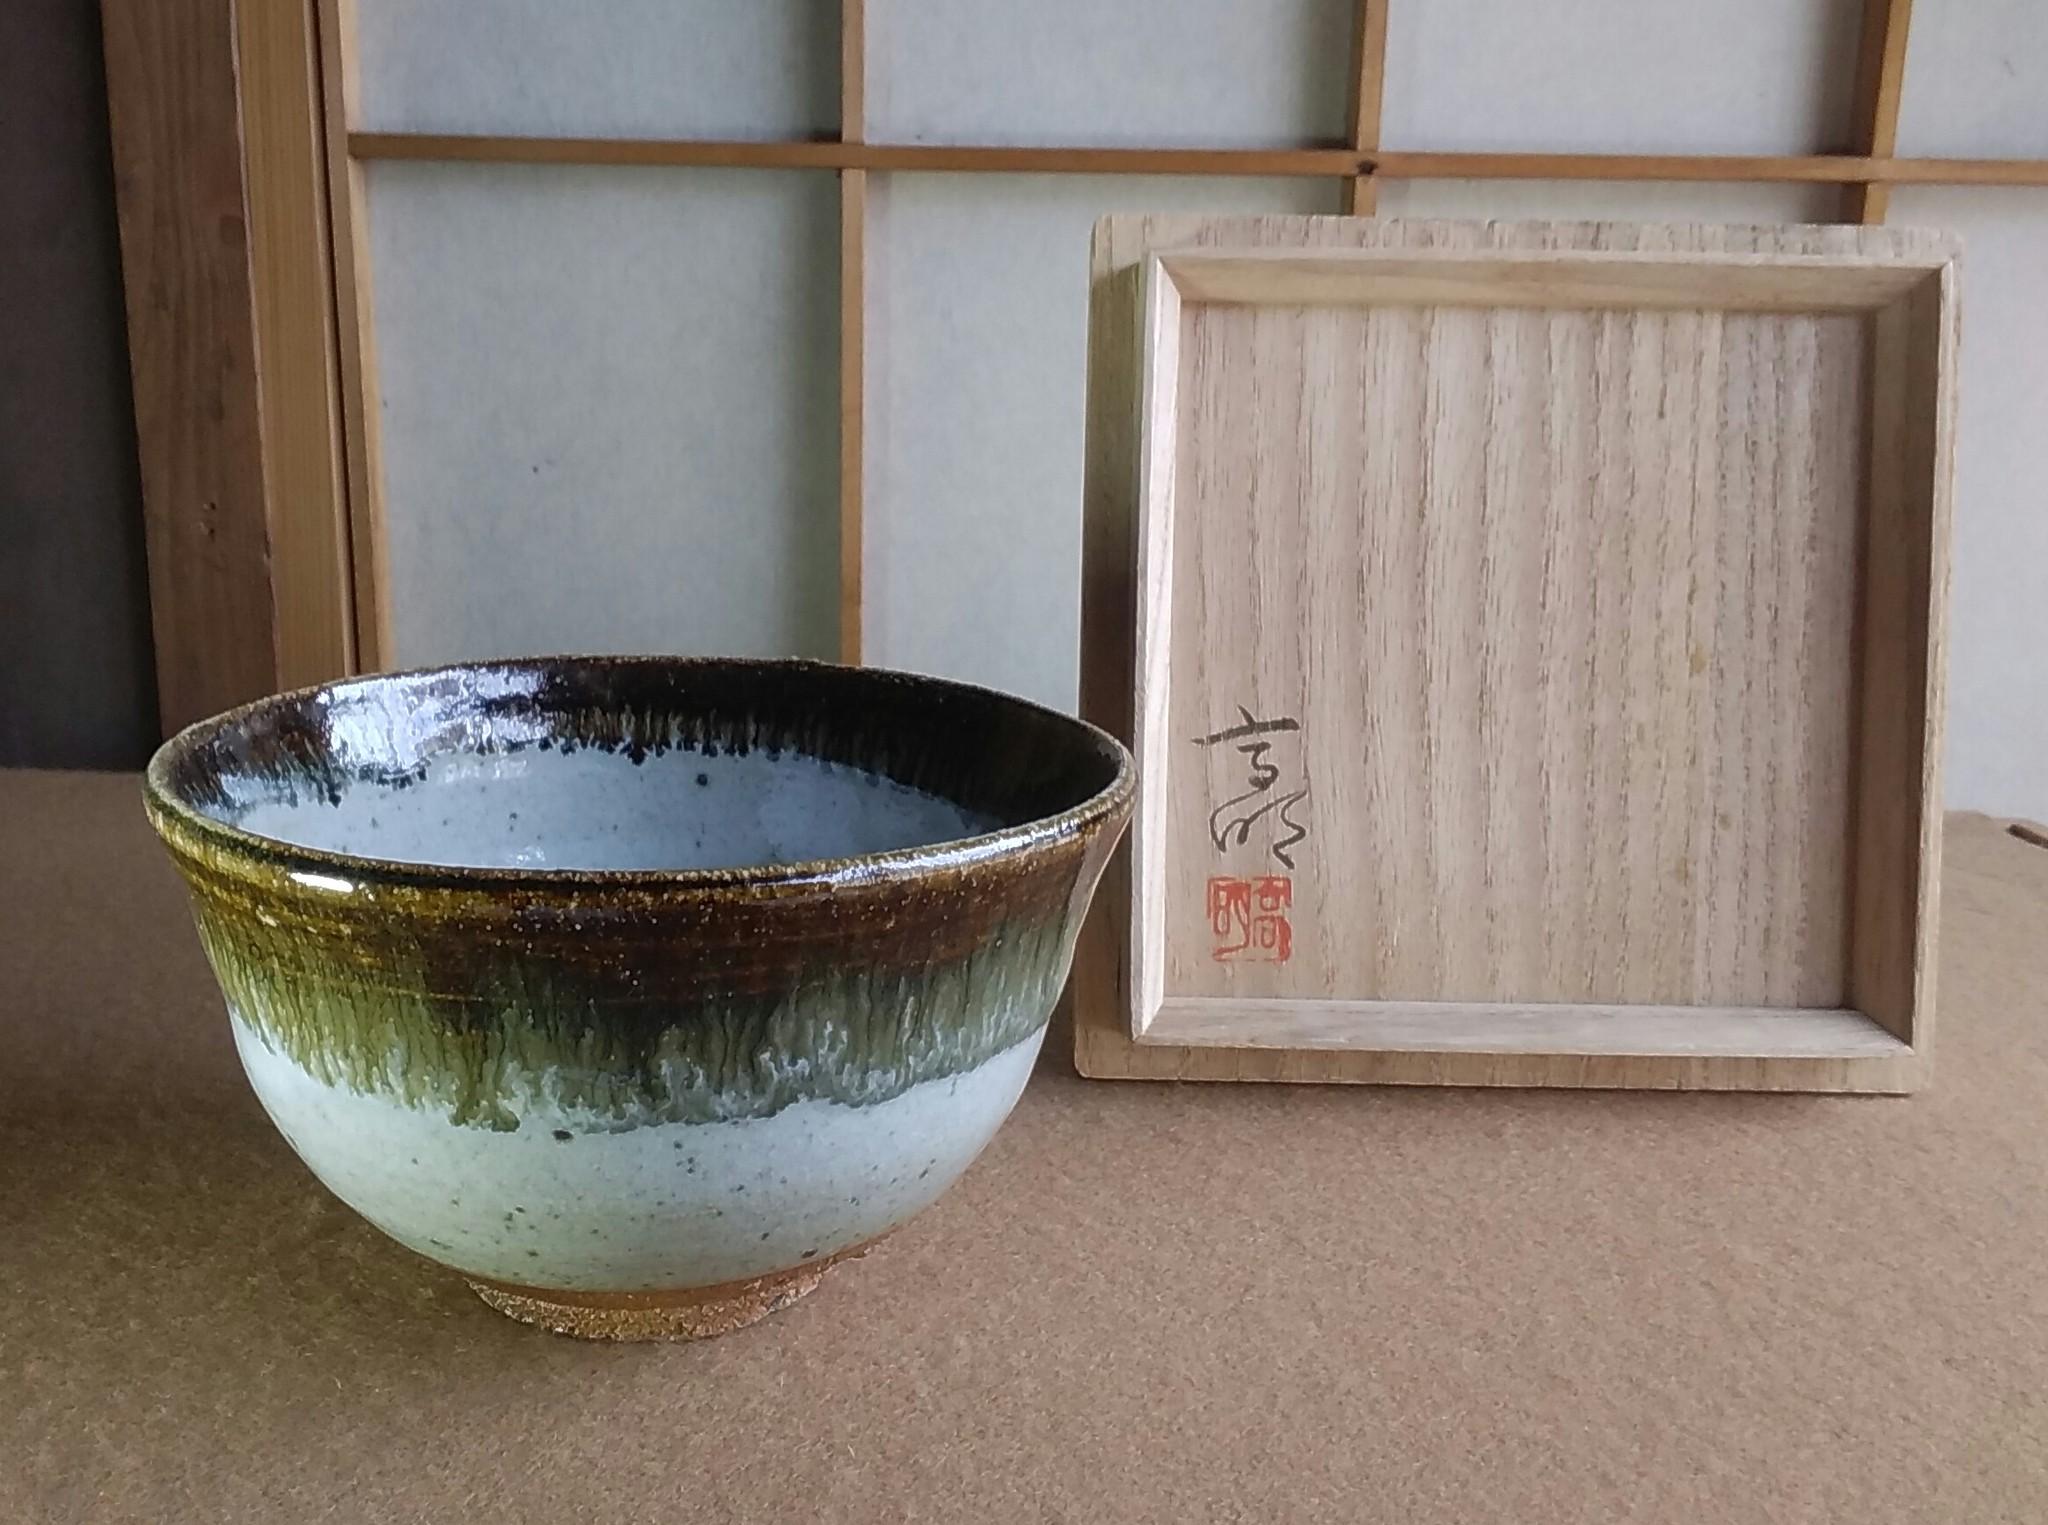 【お買い得】出物 茶道具のご紹介【松尾高明 作 朝鮮唐津 茶碗】